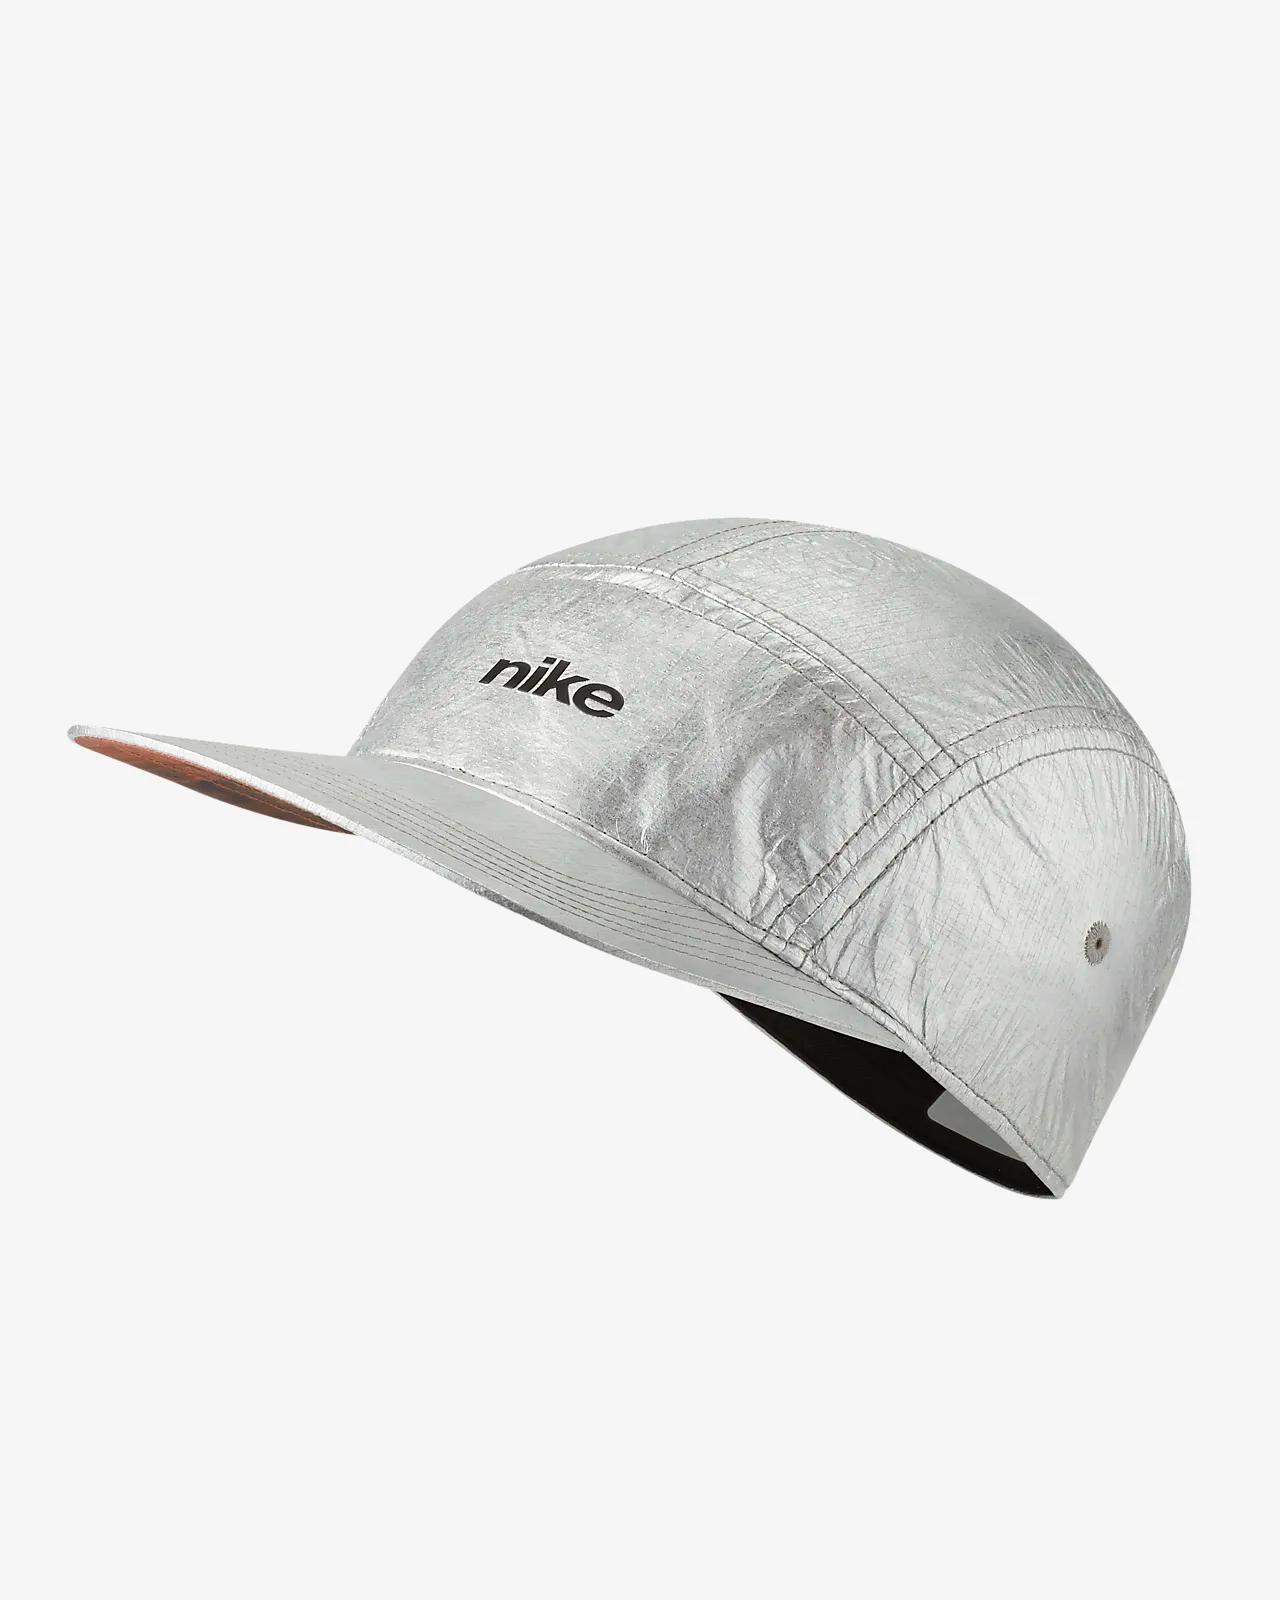 aw85-hat-3pKs2W.png